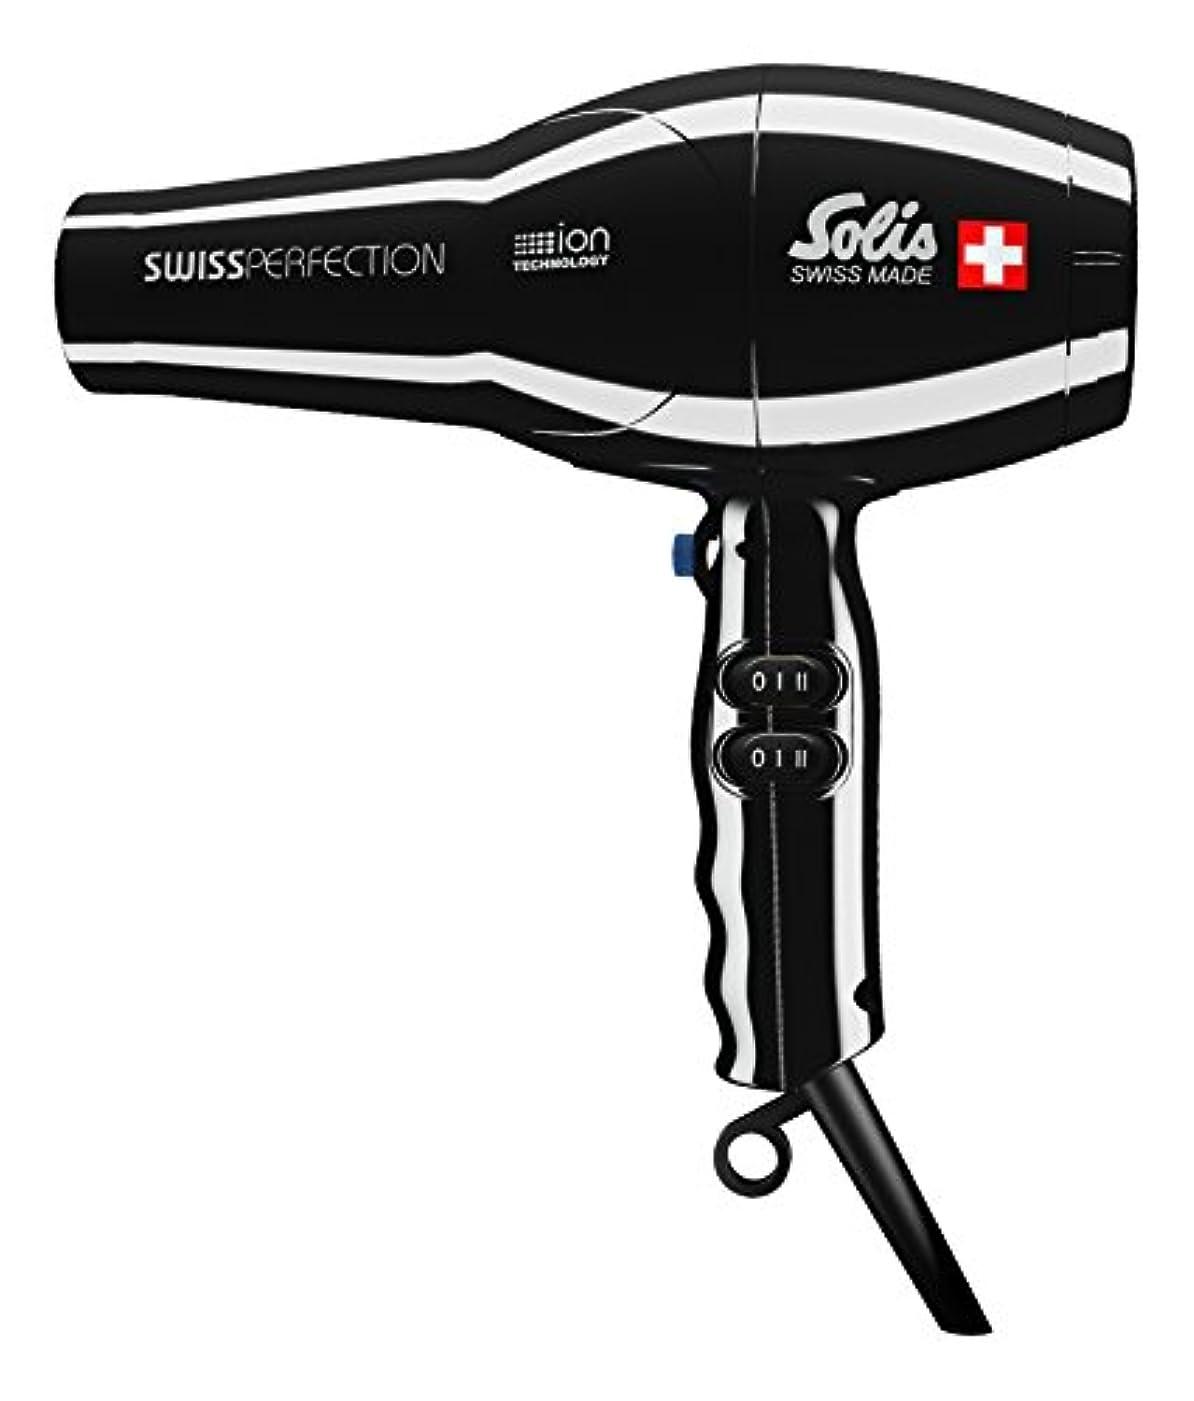 次へ平らにする著者ソリスプロフェッショナル仕様ドライヤー、温風温度77℃で髪にやさしい、イオンテクノロジー、スイスパーフェクション (SD440B)、黒